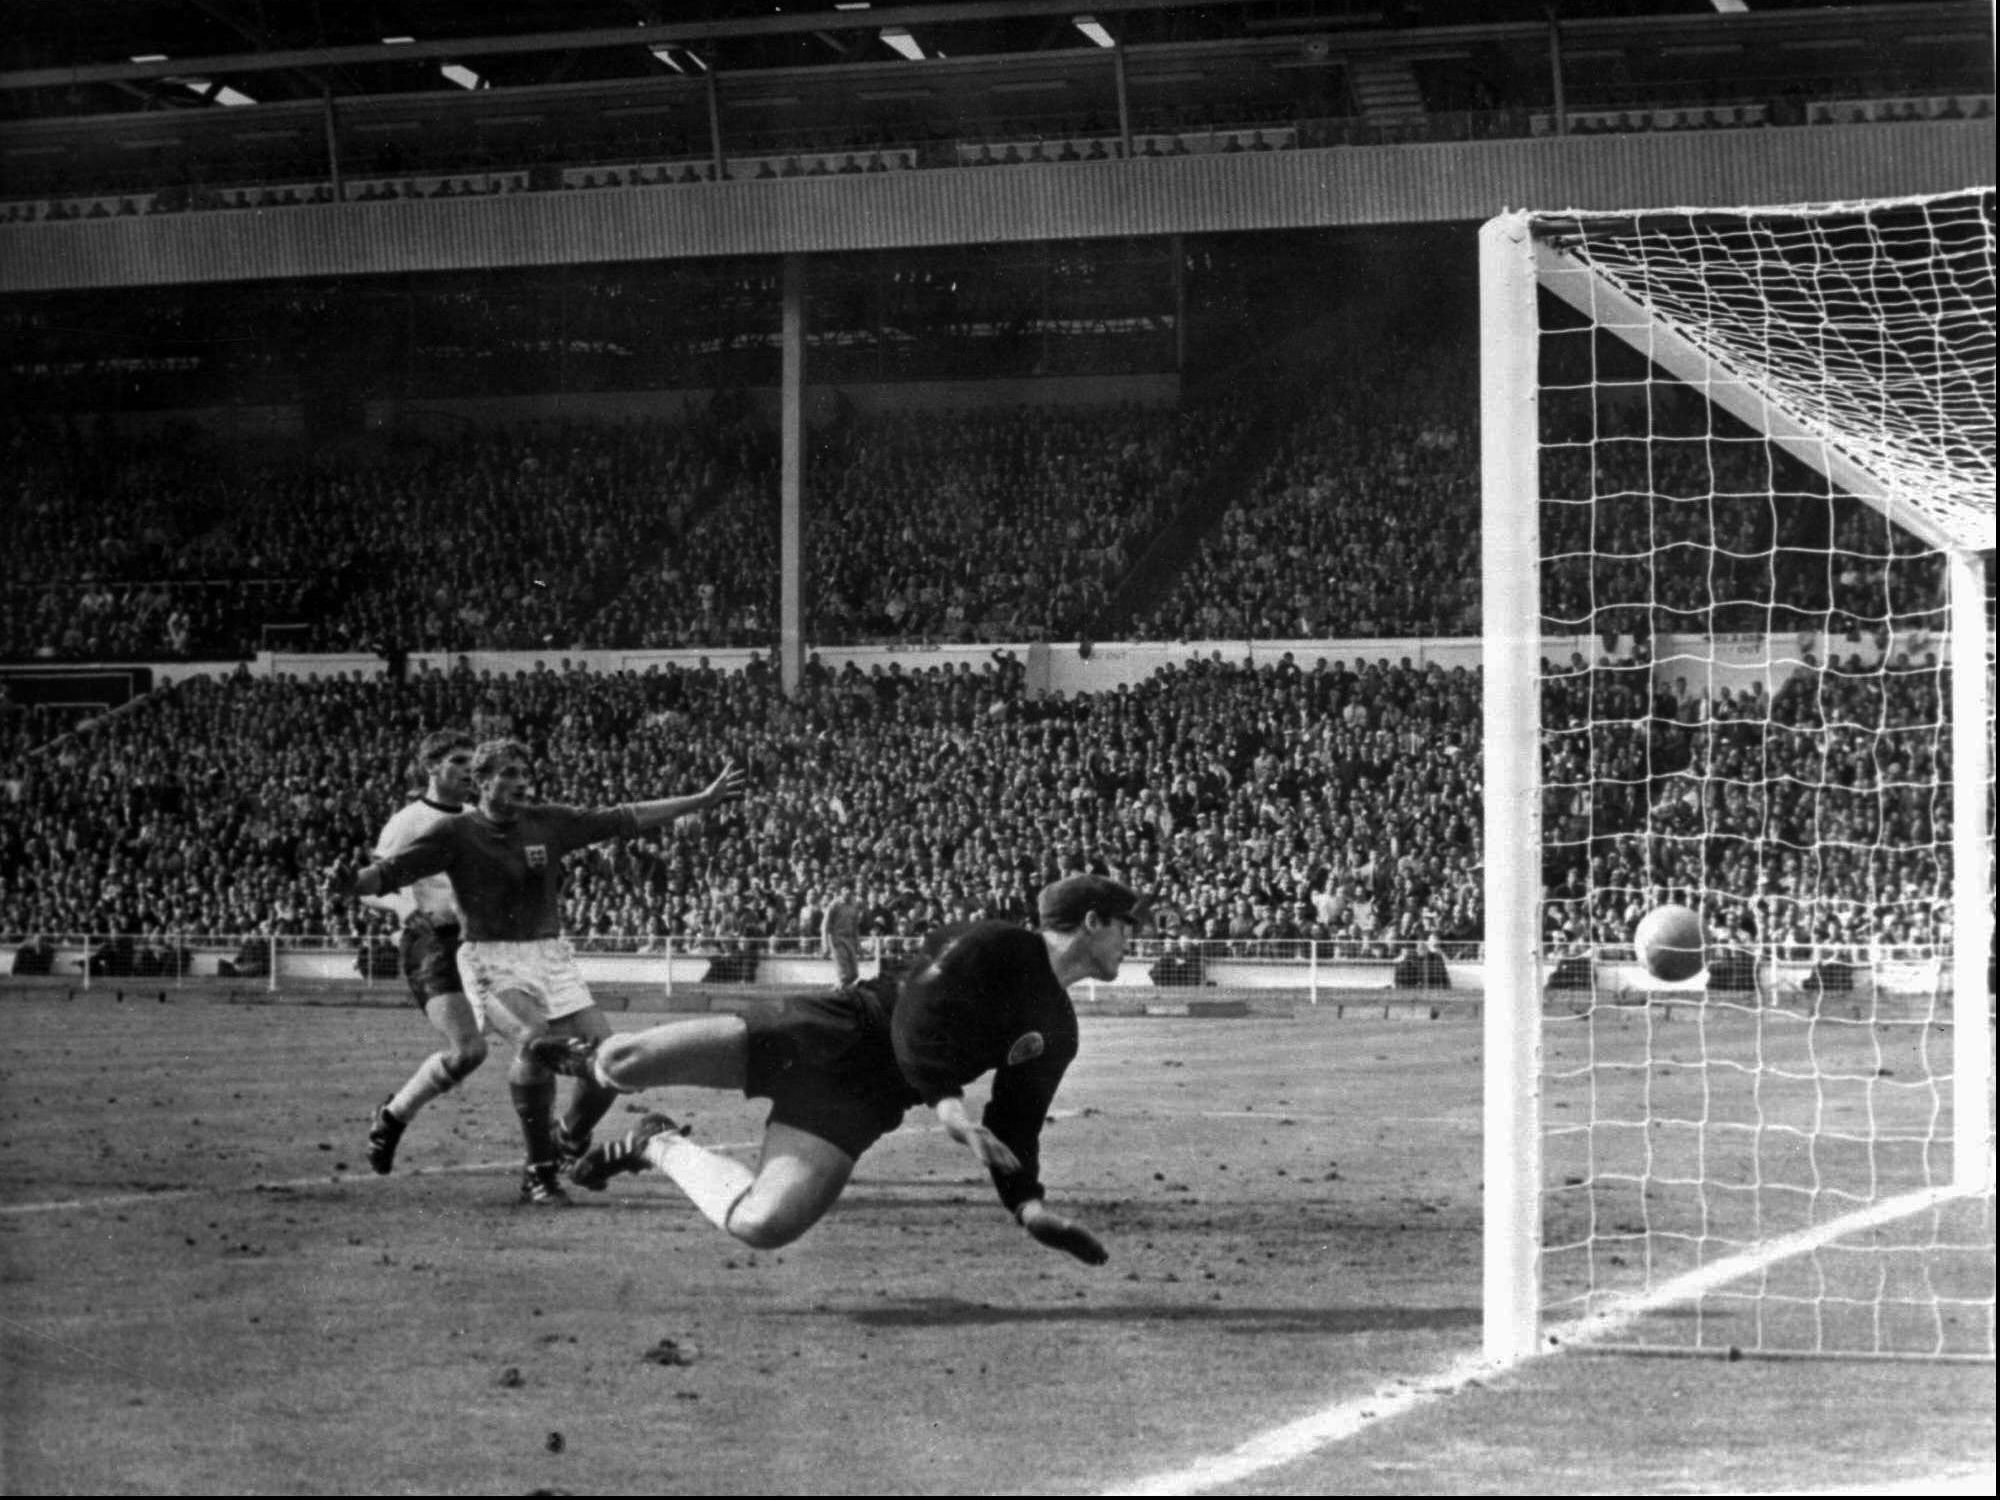 Das berühmte Wembley-Tor von 1966